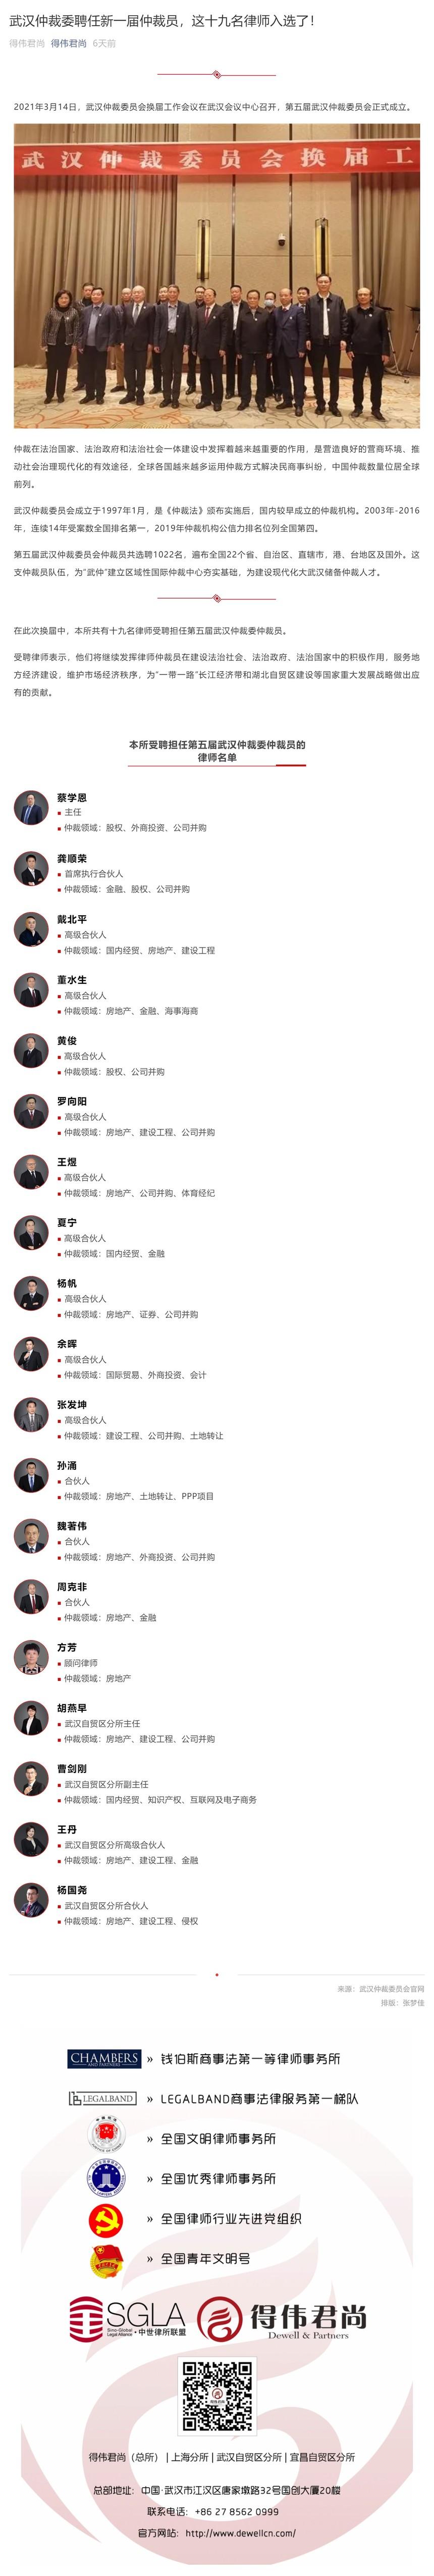 武汉仲裁委聘任新一届仲裁员,这十九名律师入选了!_壹伴长图1.jpg